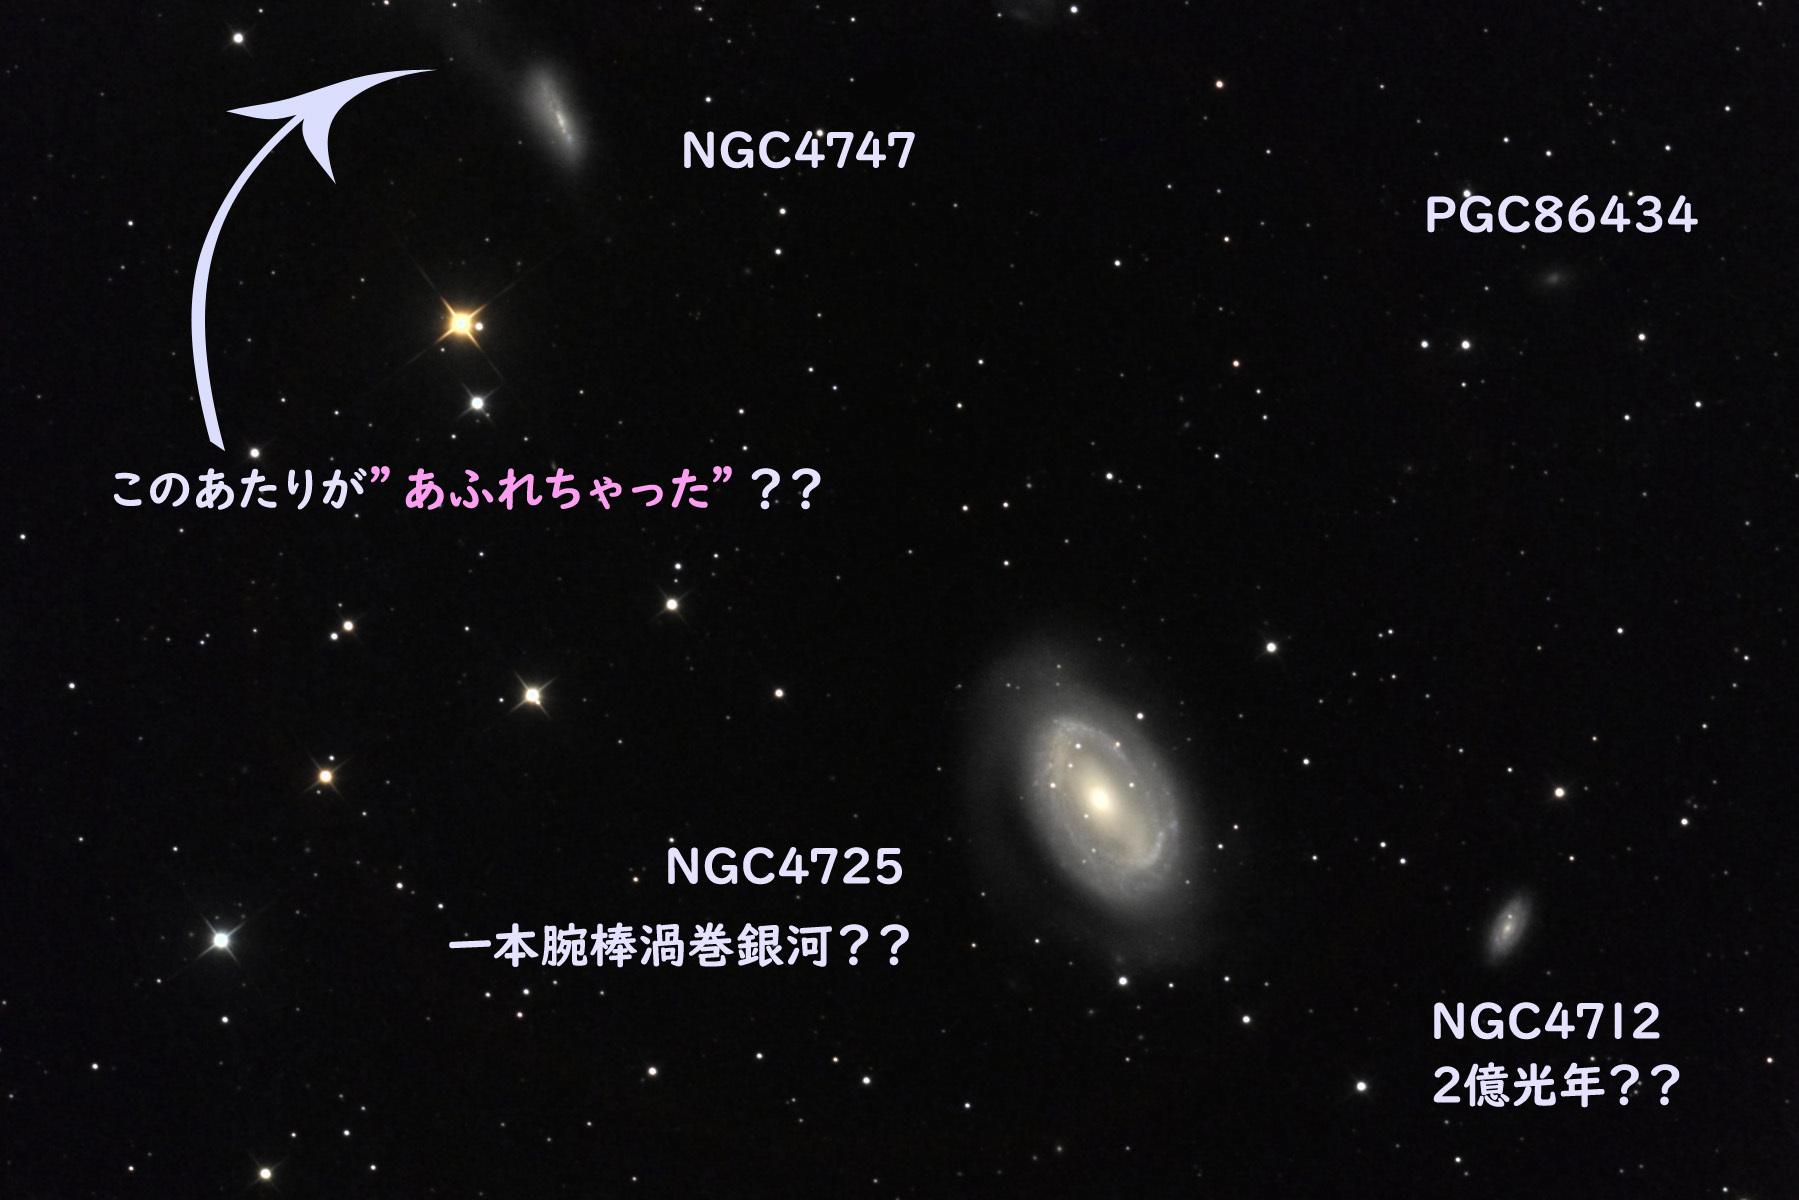 20210707_NGC4725付近_文字